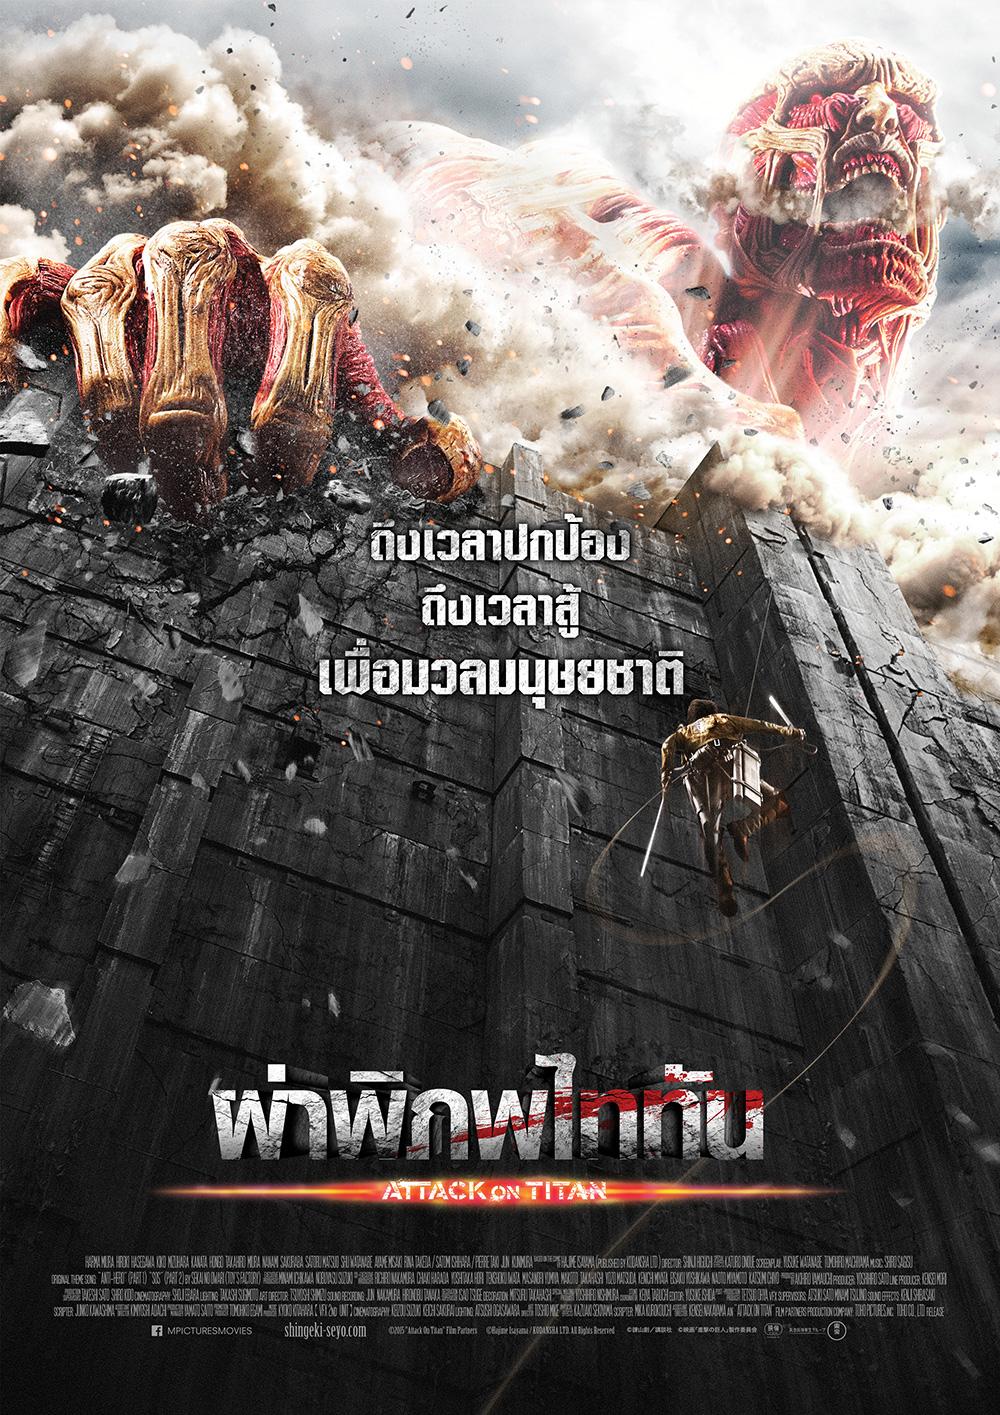 e-news: ผ่าพิภพไททัน Attack on Titan Part 1 (ซับไทย) ภาพ ...